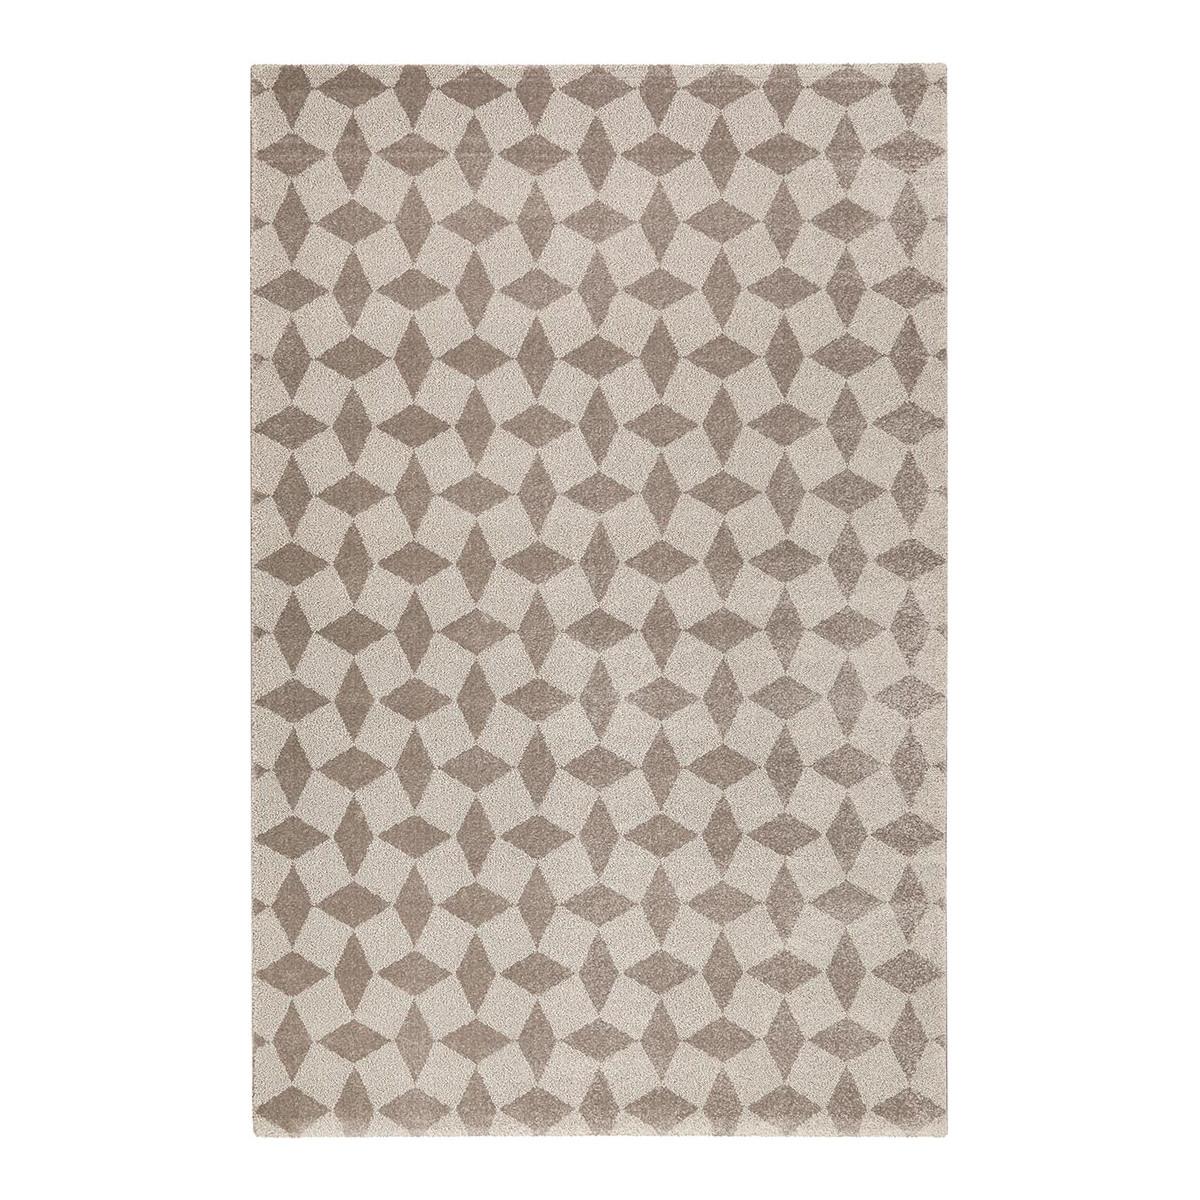 Tapis géométrique scandinave en polypropylène gris 160x225